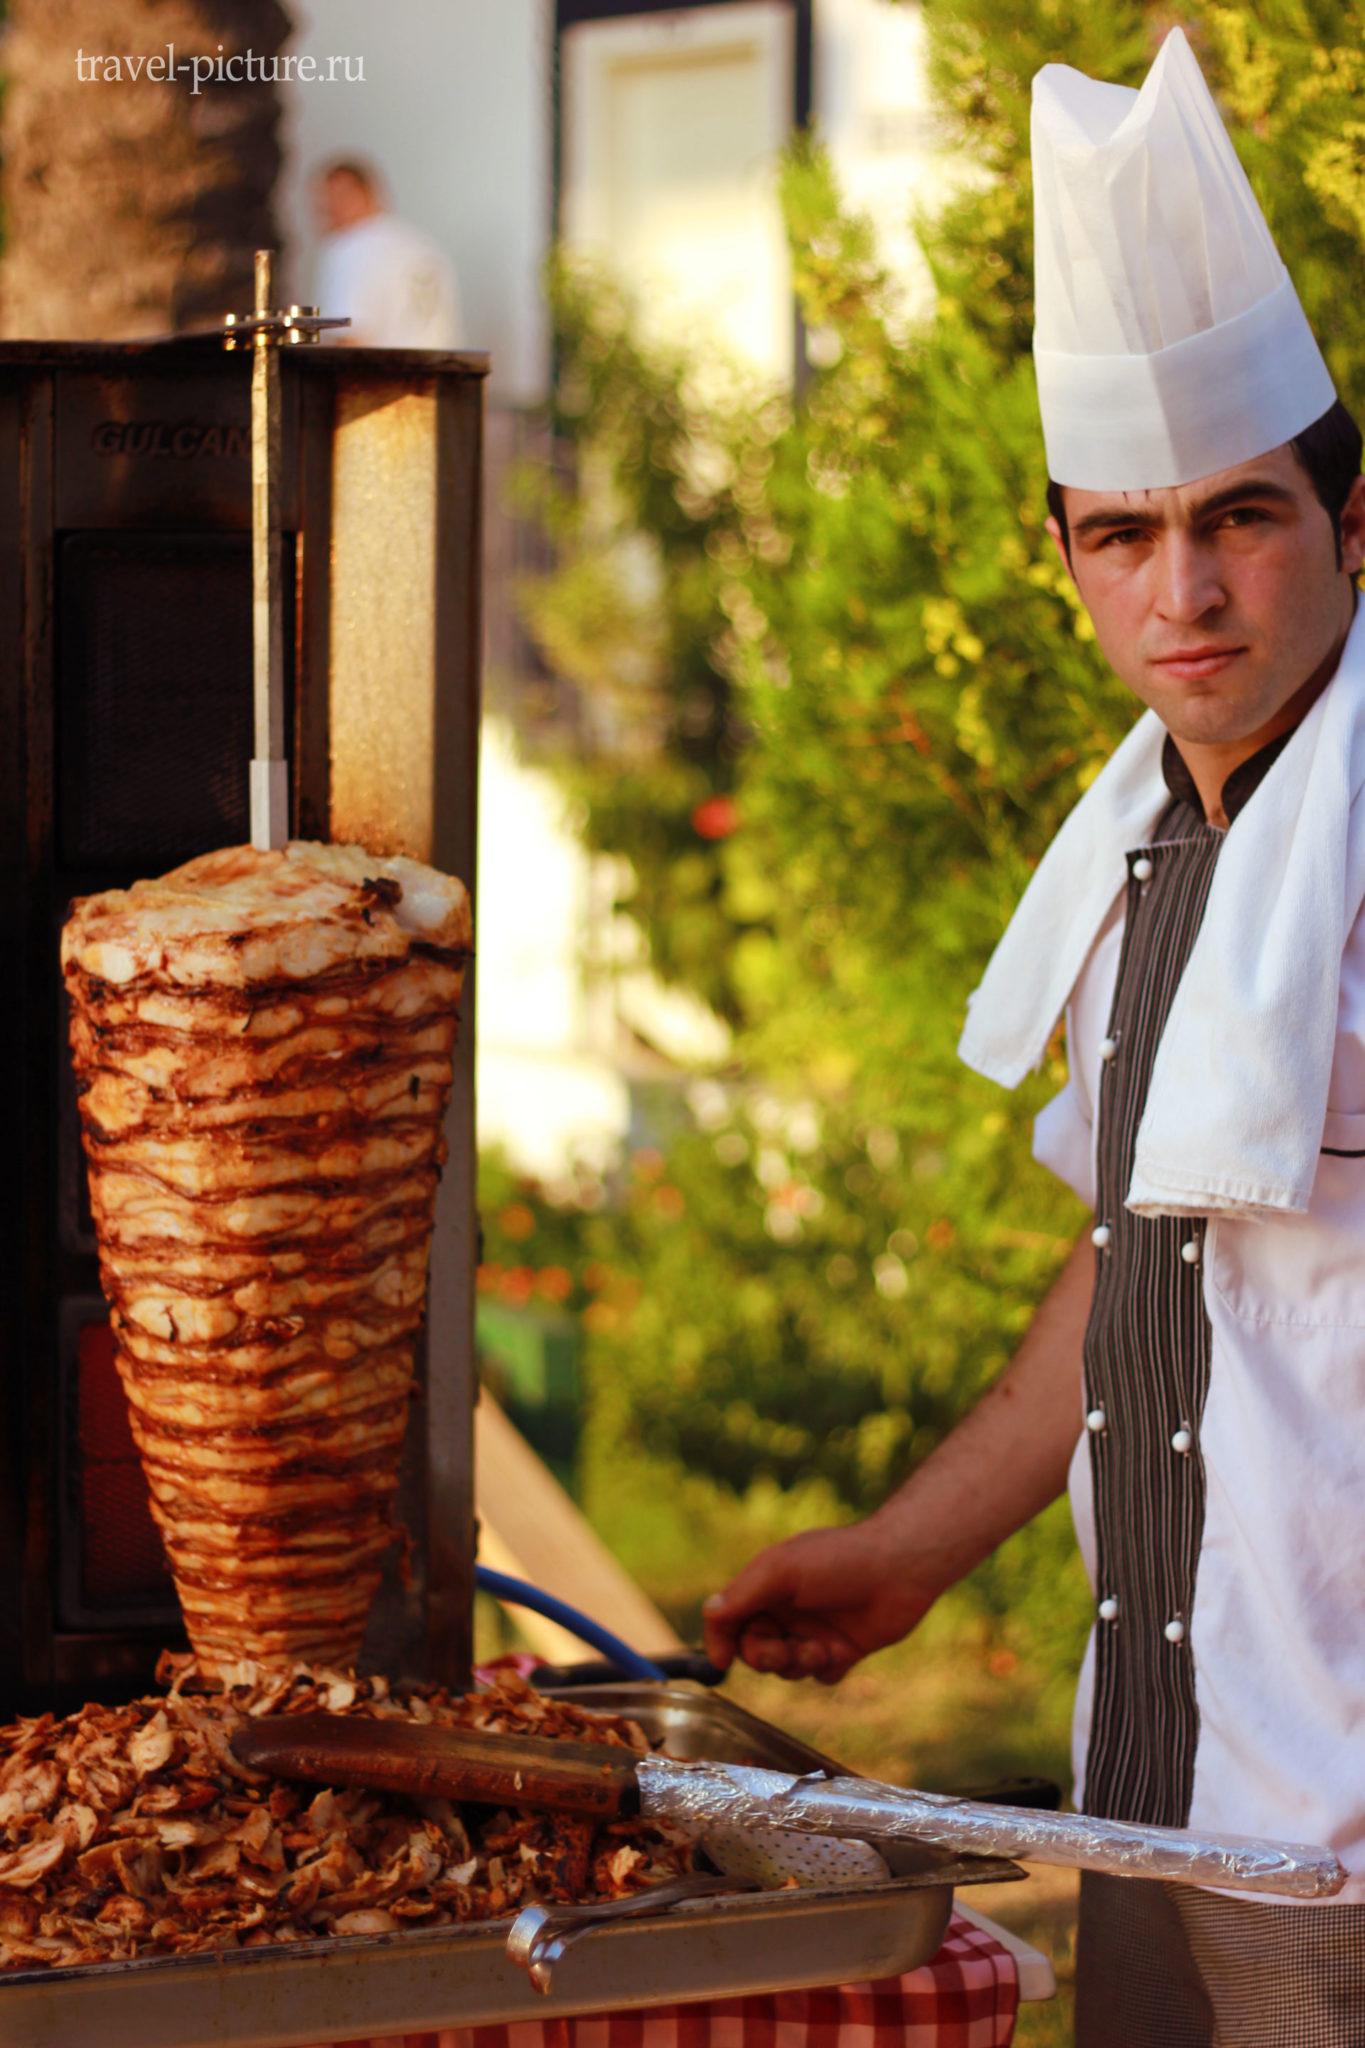 кухня в отелях турции